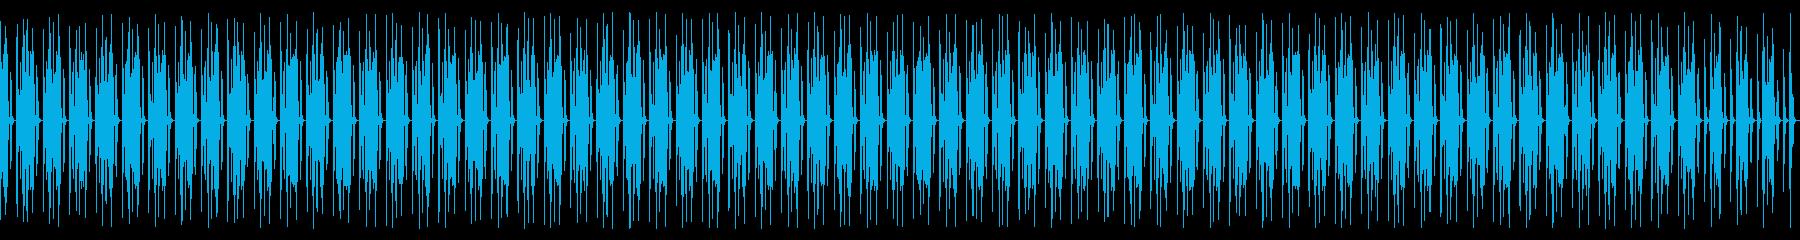 なかよくパズル ポップ 木琴 コミカルの再生済みの波形